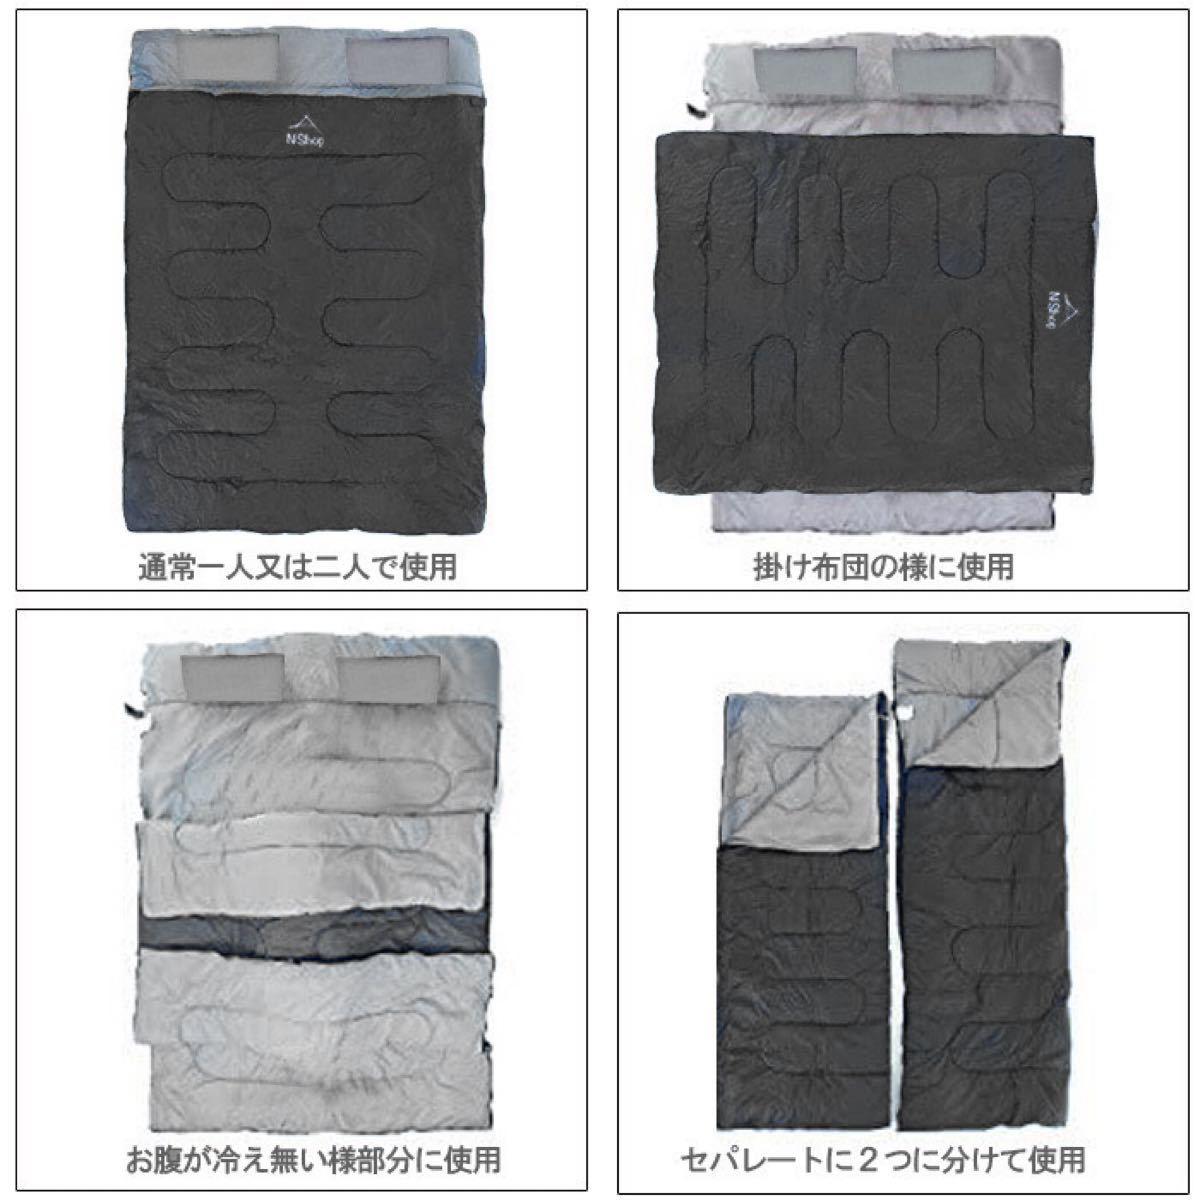 オリジナル 枕付き寝袋2人用 シュラフー5°C ブラック